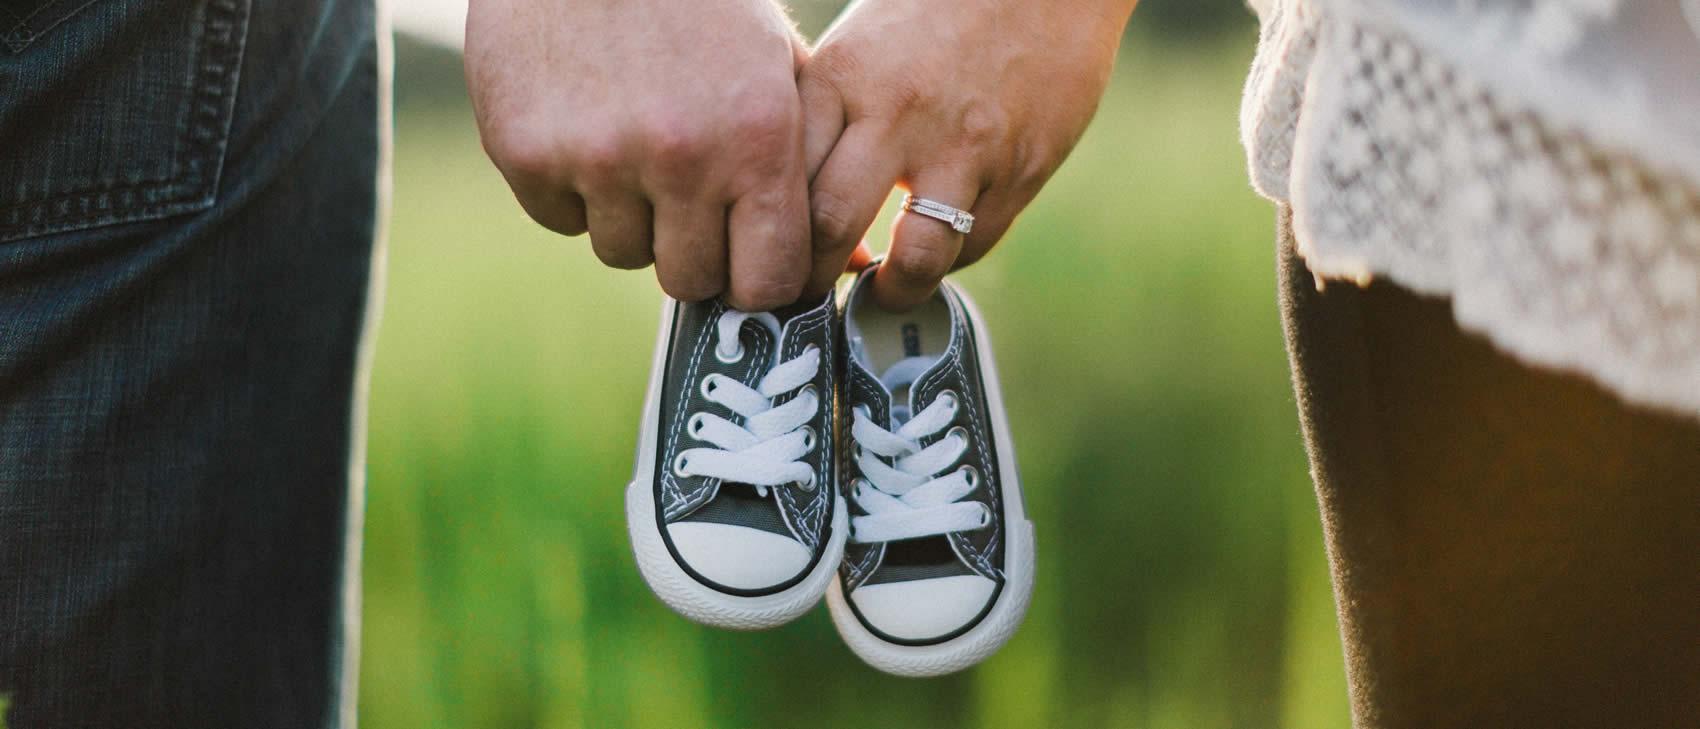 Brautpaar mit Babyschuhen in den Händen.